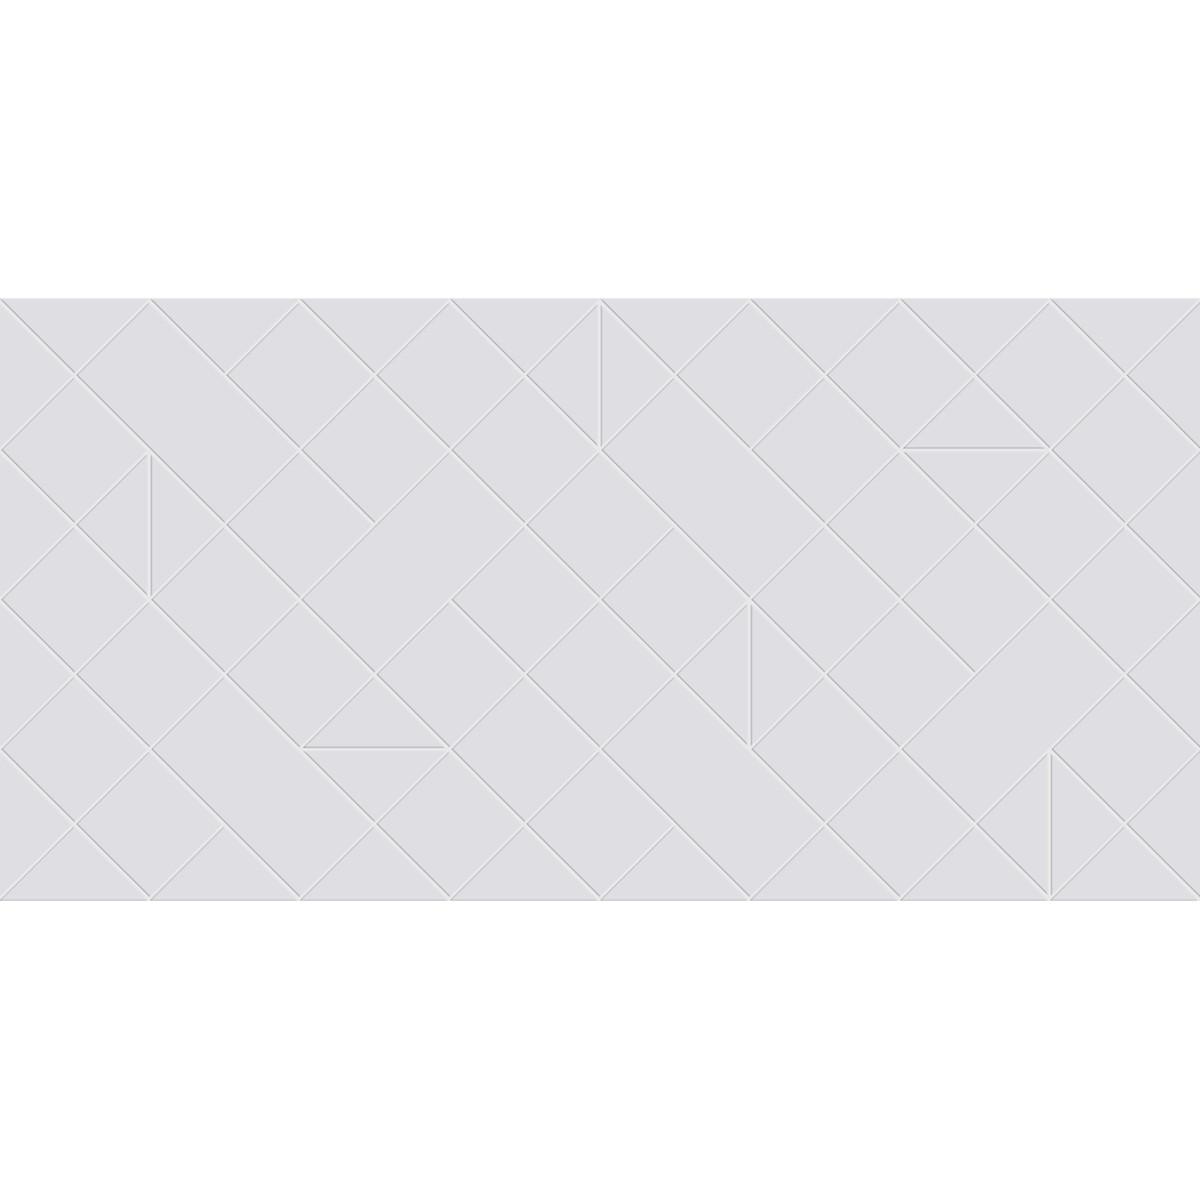 Плитка настенная Керкира 1 60x30 см 1.98 м² цвет серый